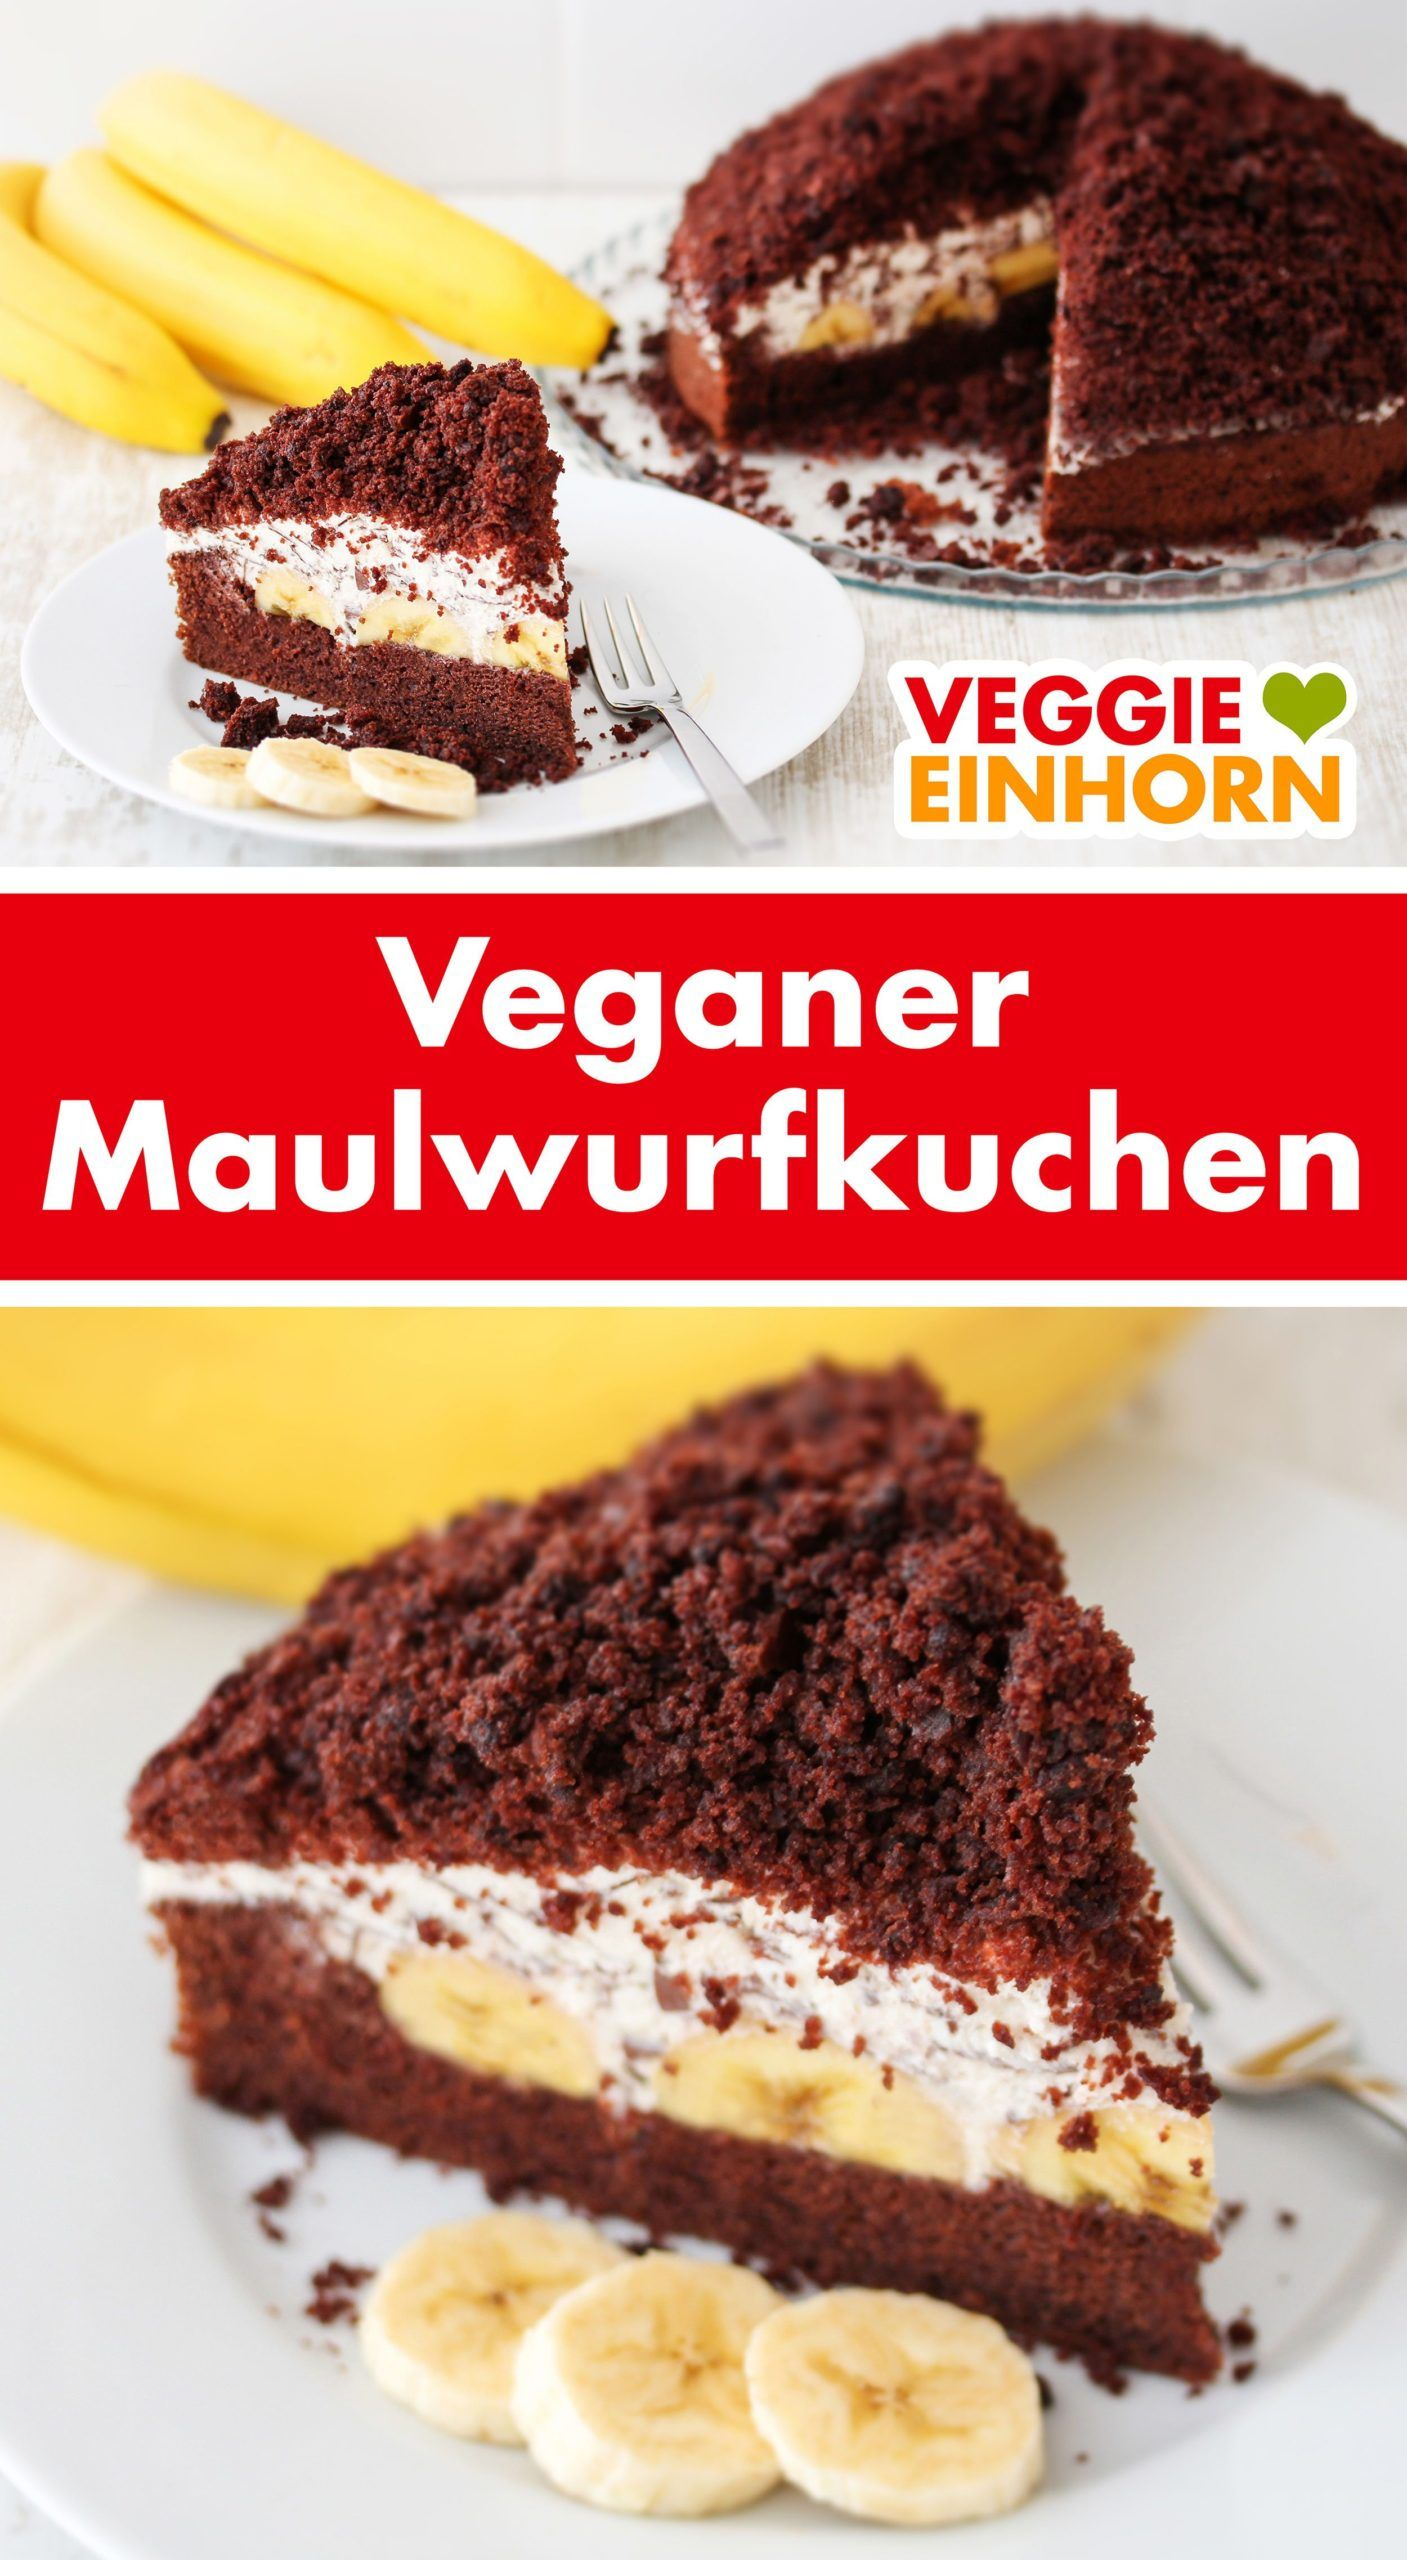 Veganer Maulwurfkuchen Veganer Kuchen Einfaches Rezept Zum Backen Backen Einfaches Kuchen M In 2020 Vegane Kuchenrezepte Veganer Kuchen Leckere Vegane Rezepte